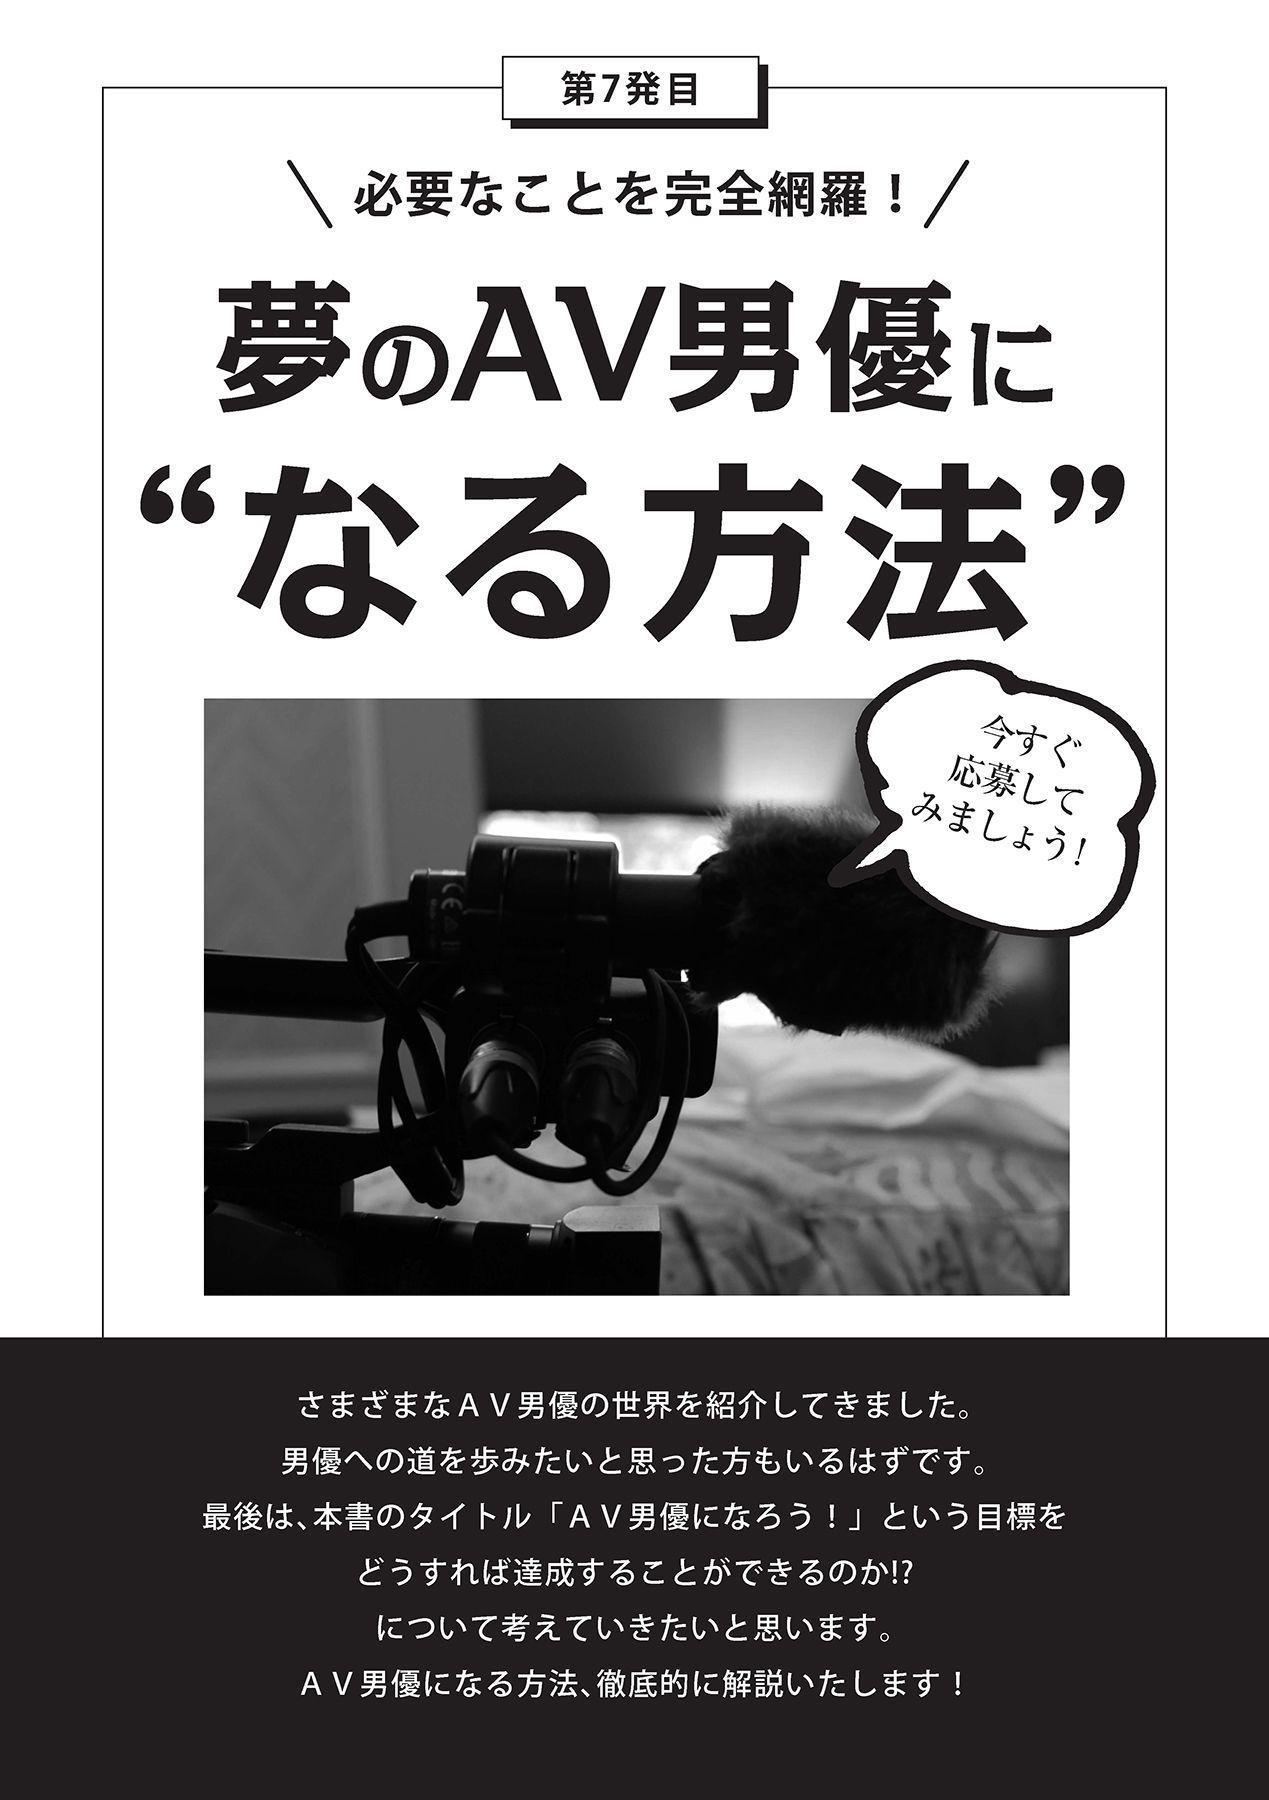 AV男優になろう! イラスト版 ヤリすぎッ! 112